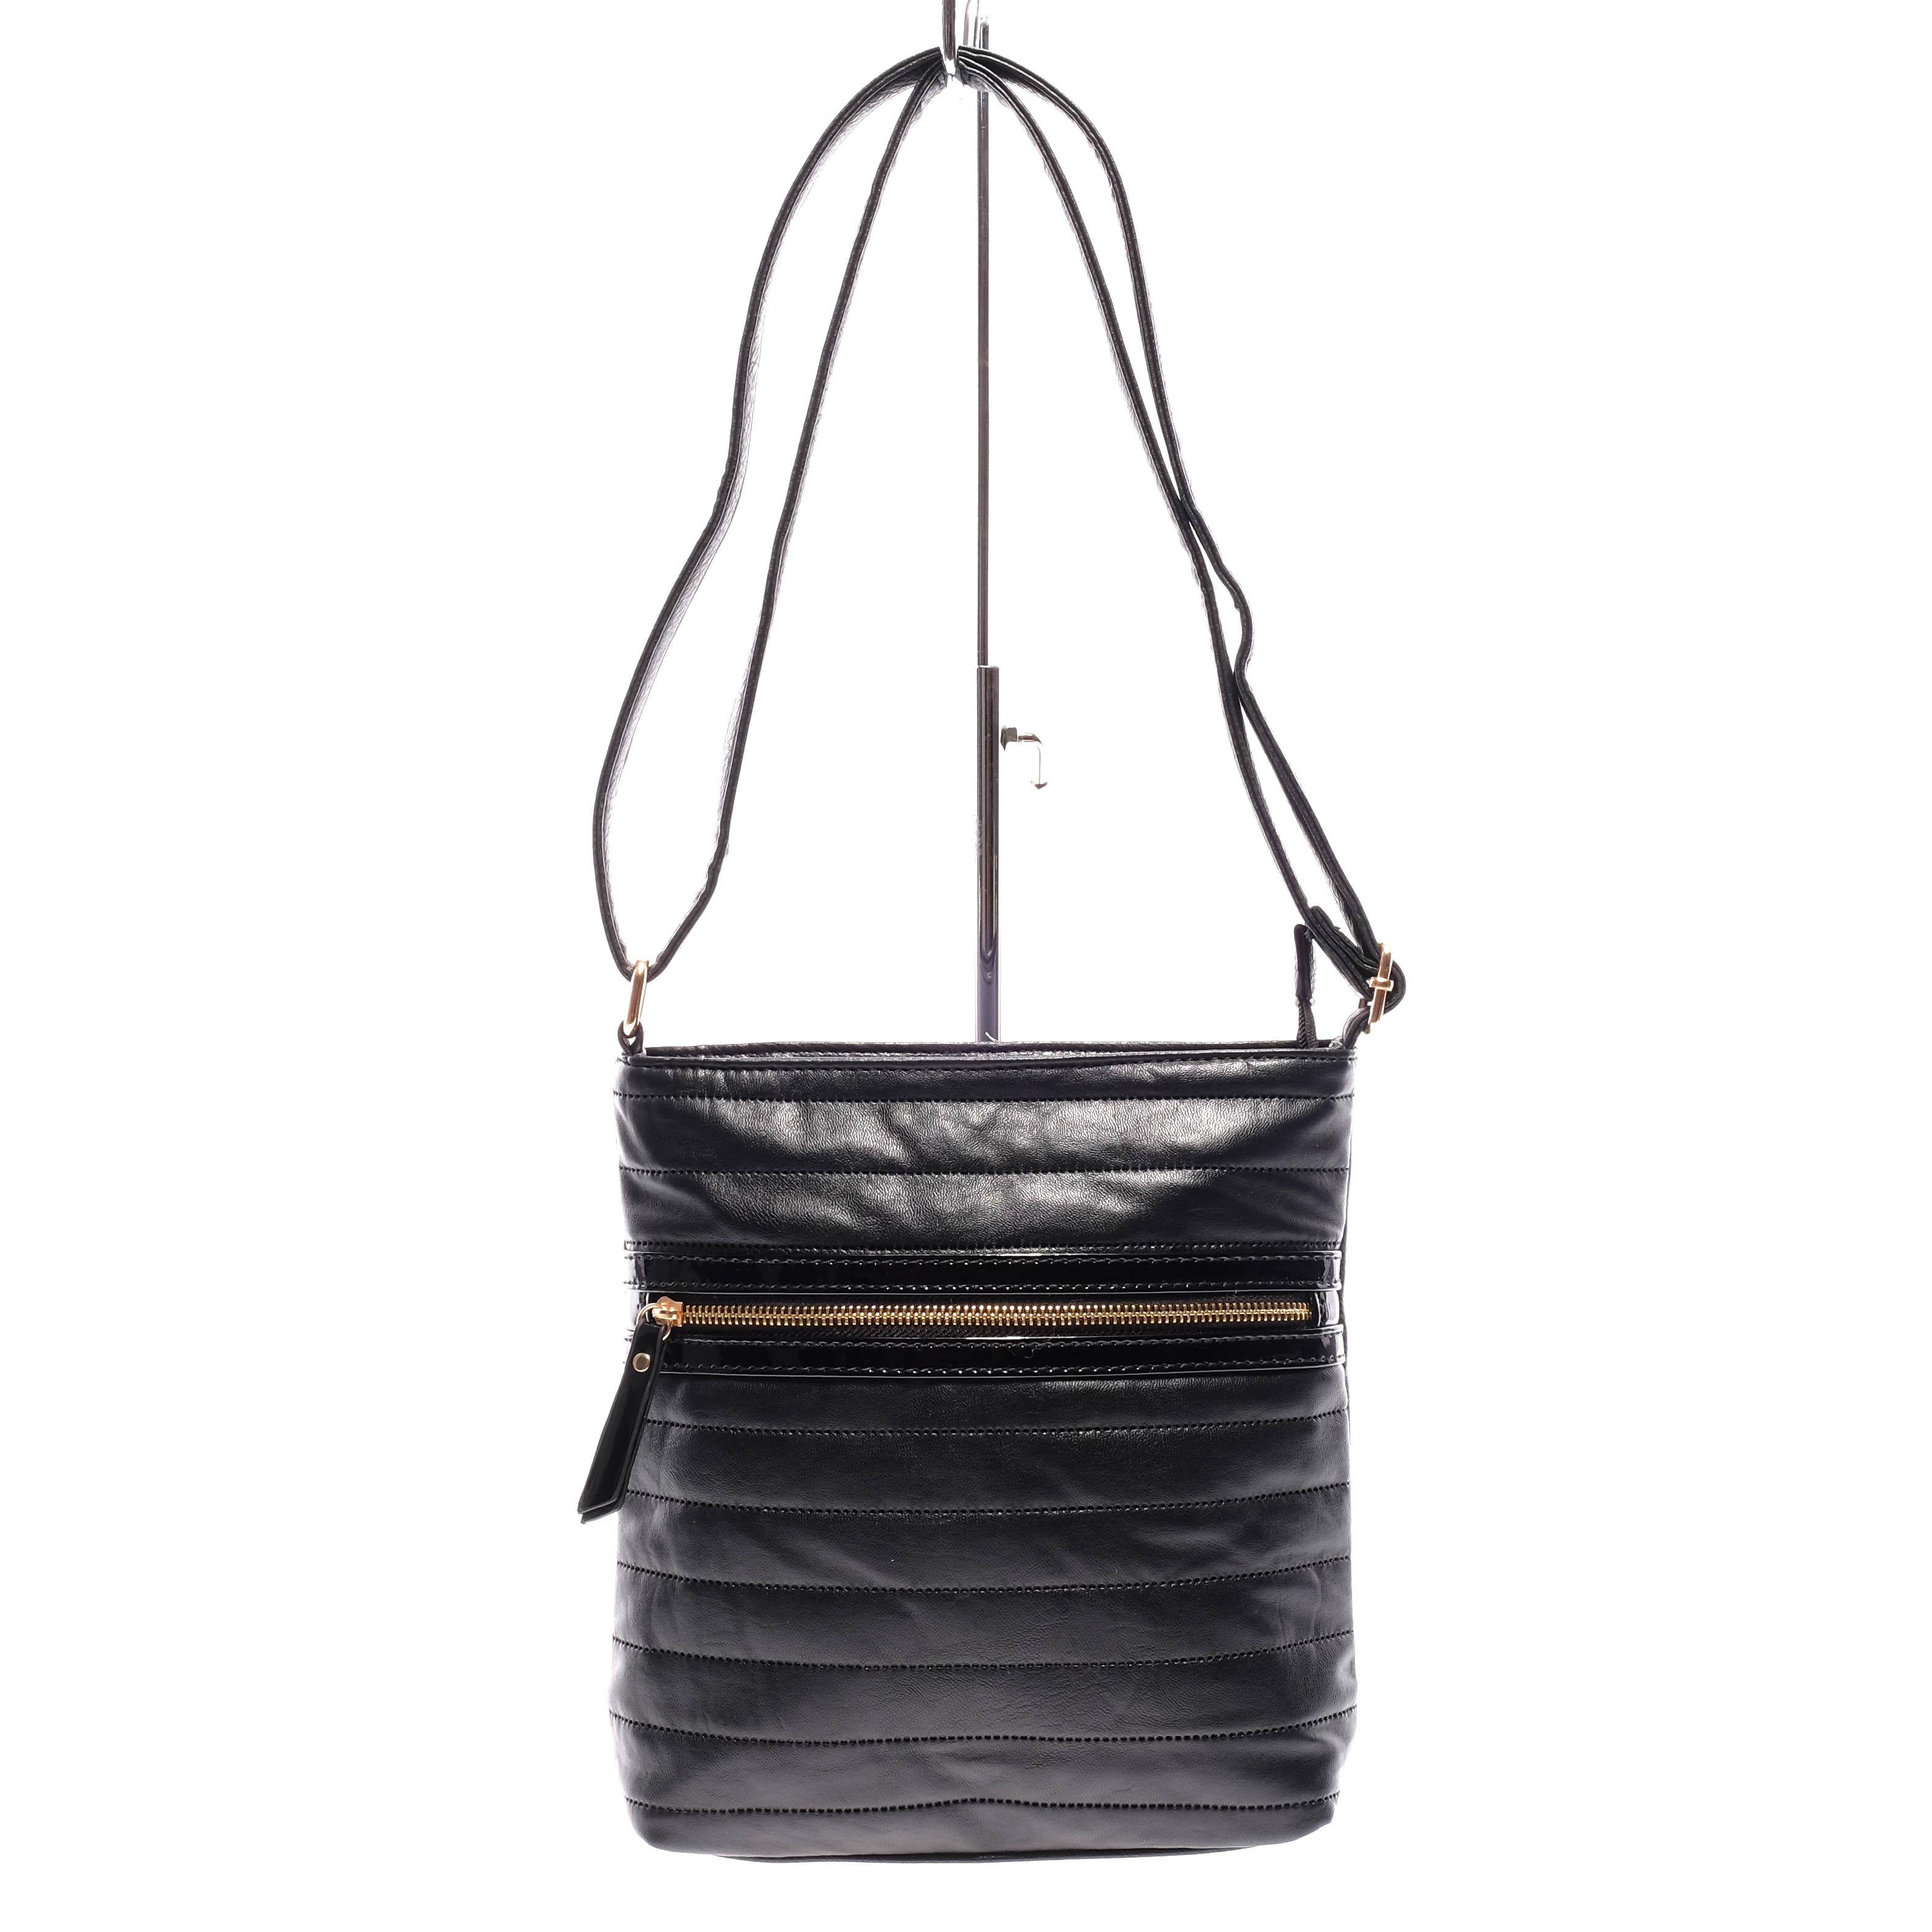 Fekete Színű Női Steppelt Átvetős Oldaltáska - Átvetős Oldaltáskák - Táska  webáruház - Minőségi táskák mindenkinek 099e764fbb